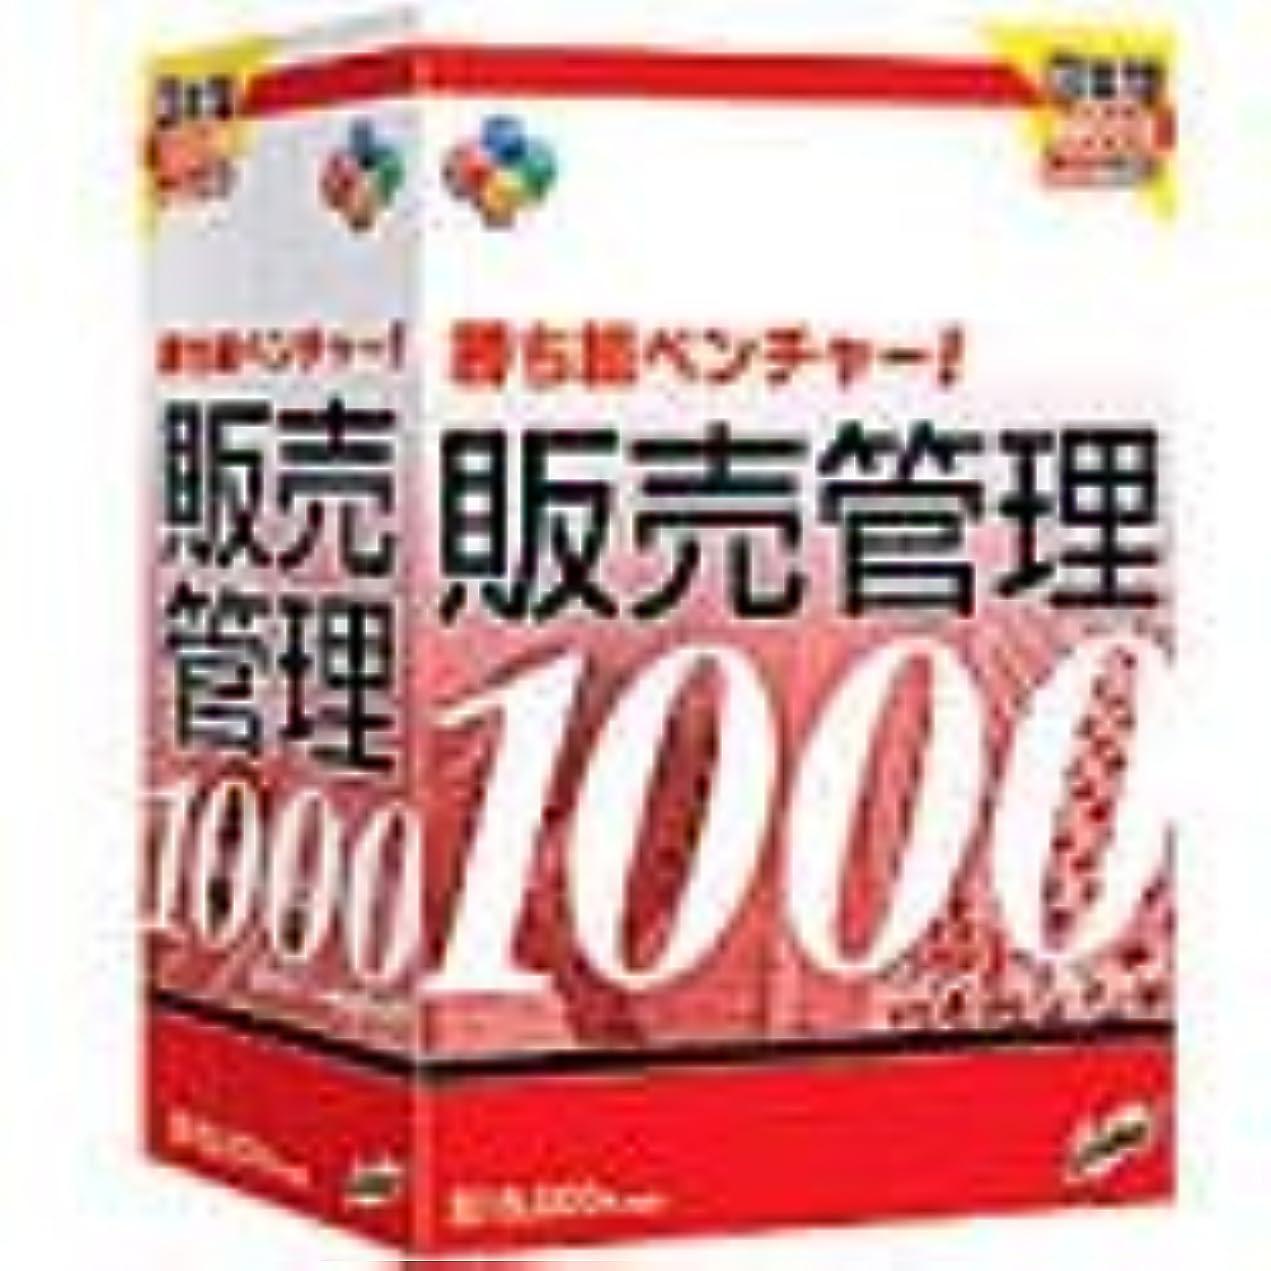 人工節約サンドイッチ勝ち組ベンチャー! 販売管理1000days support